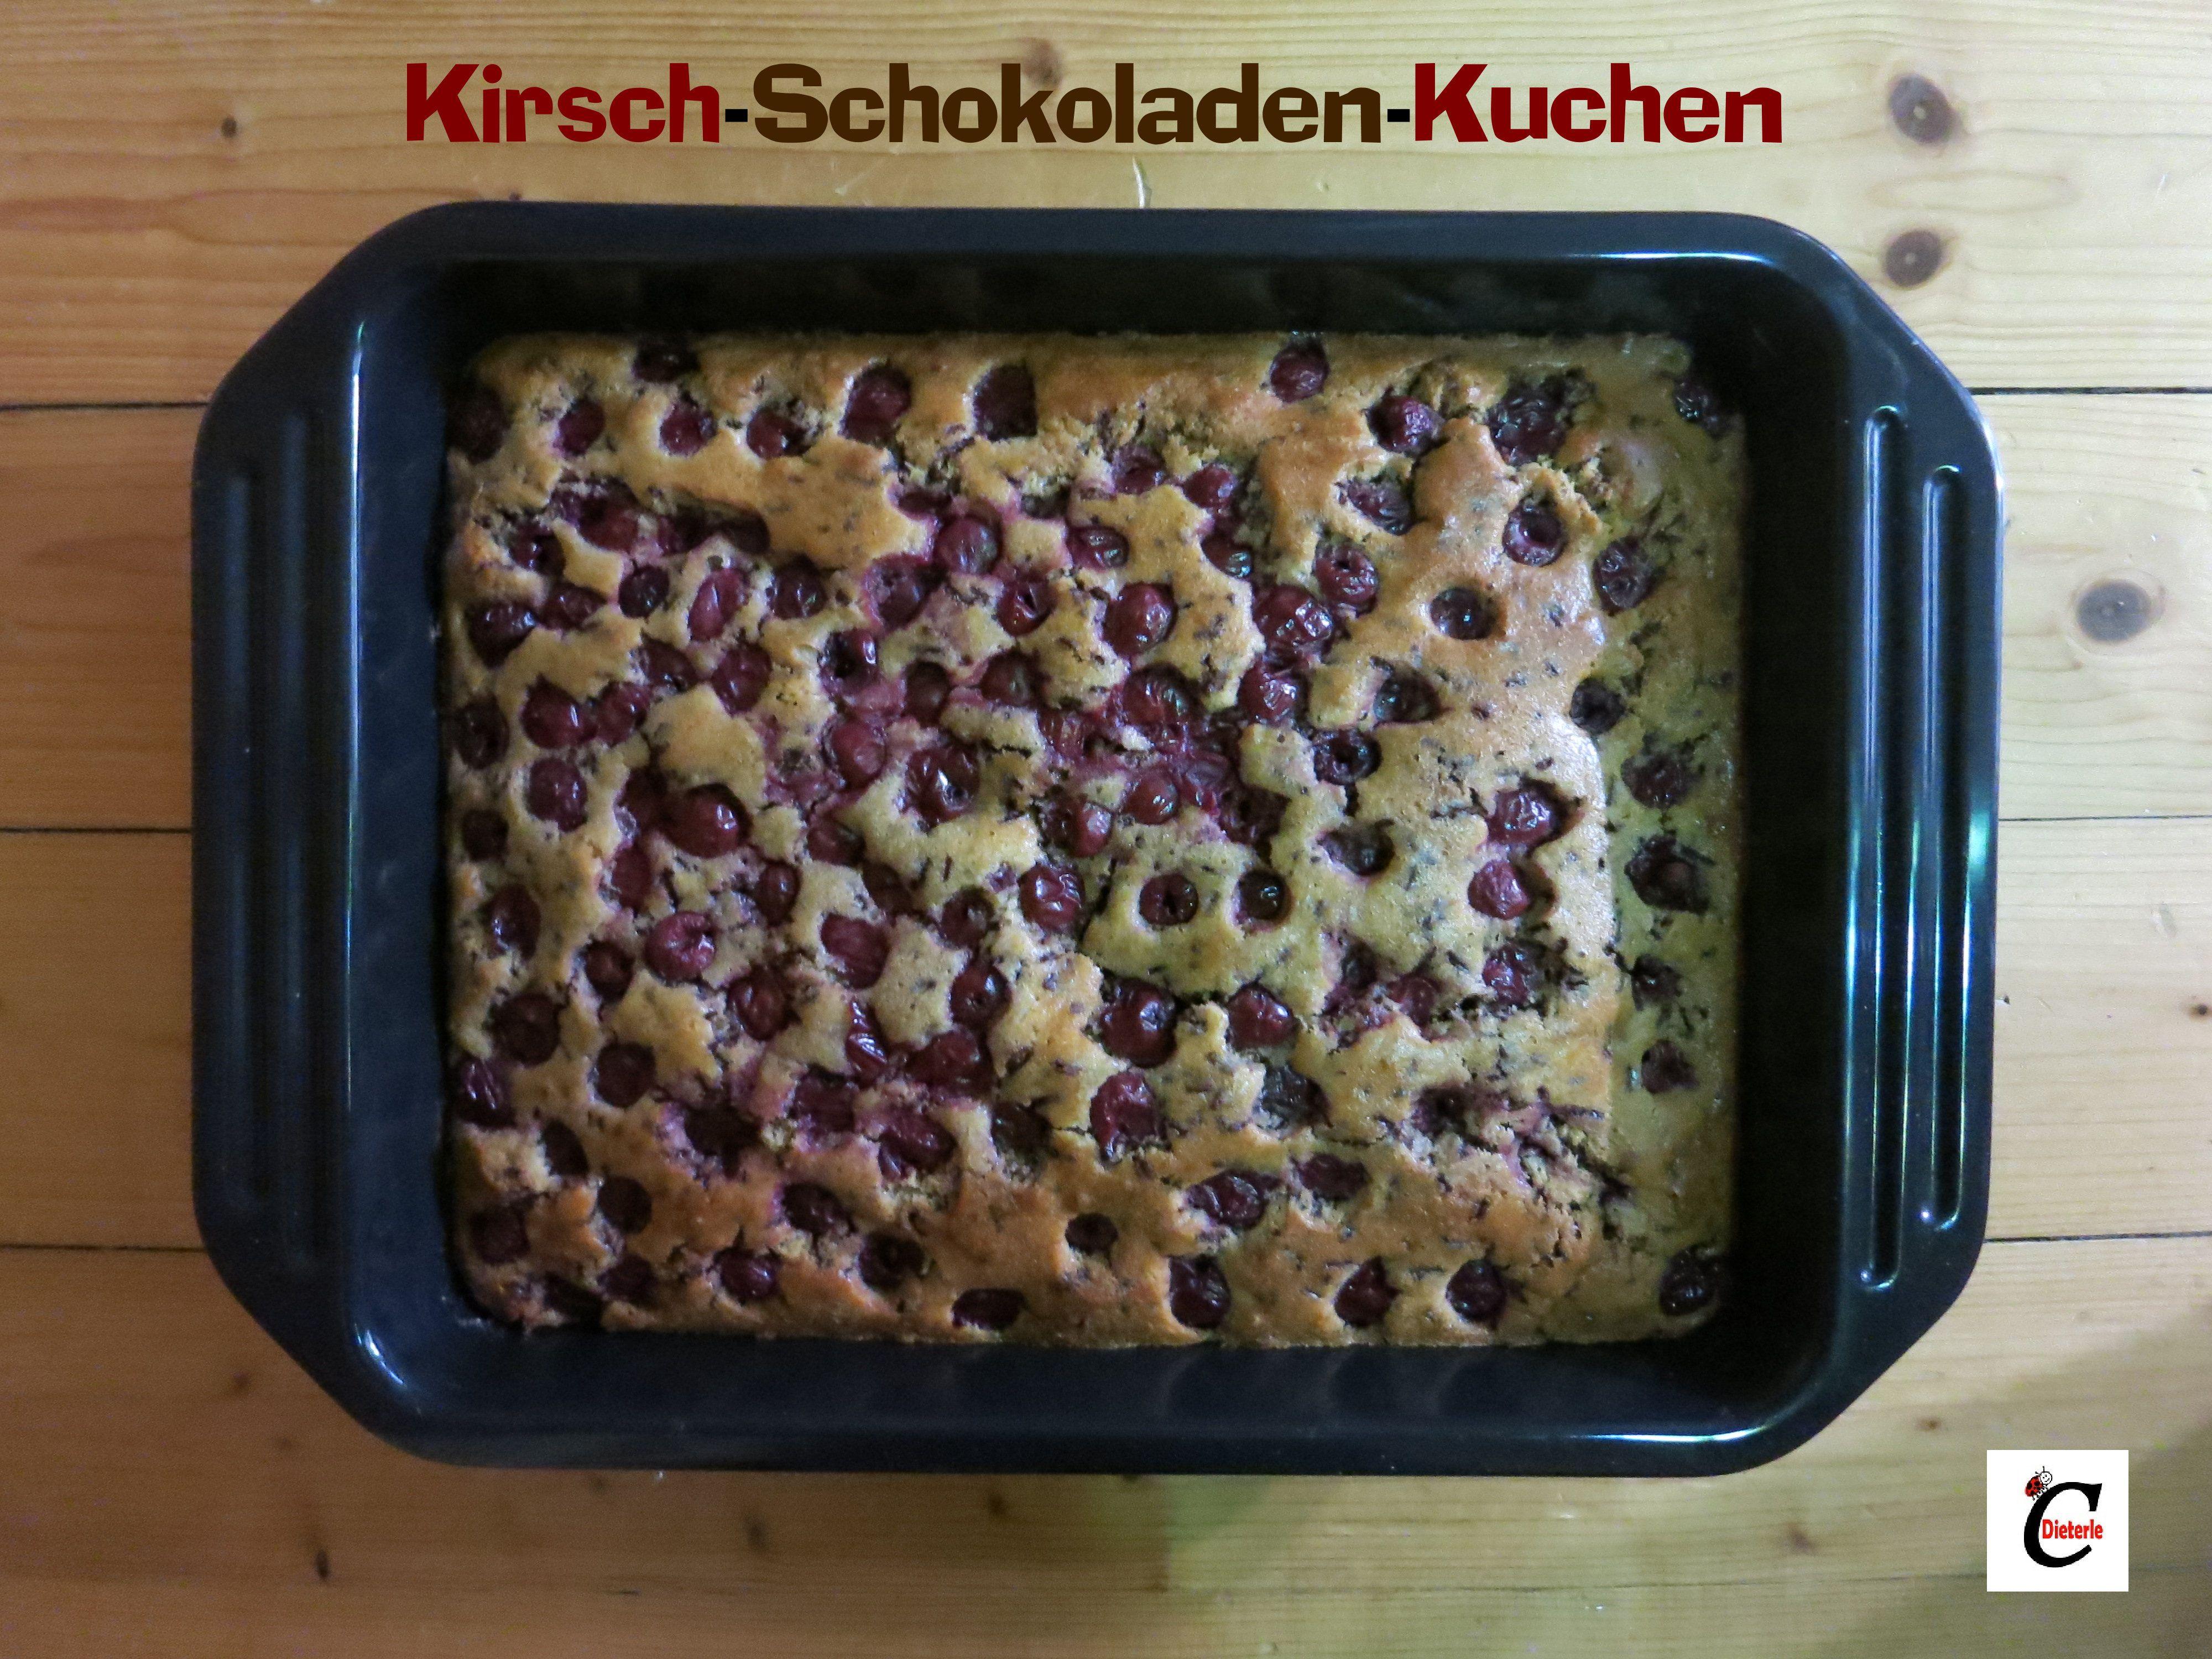 Kirsch-Schokoladen-Kuchen